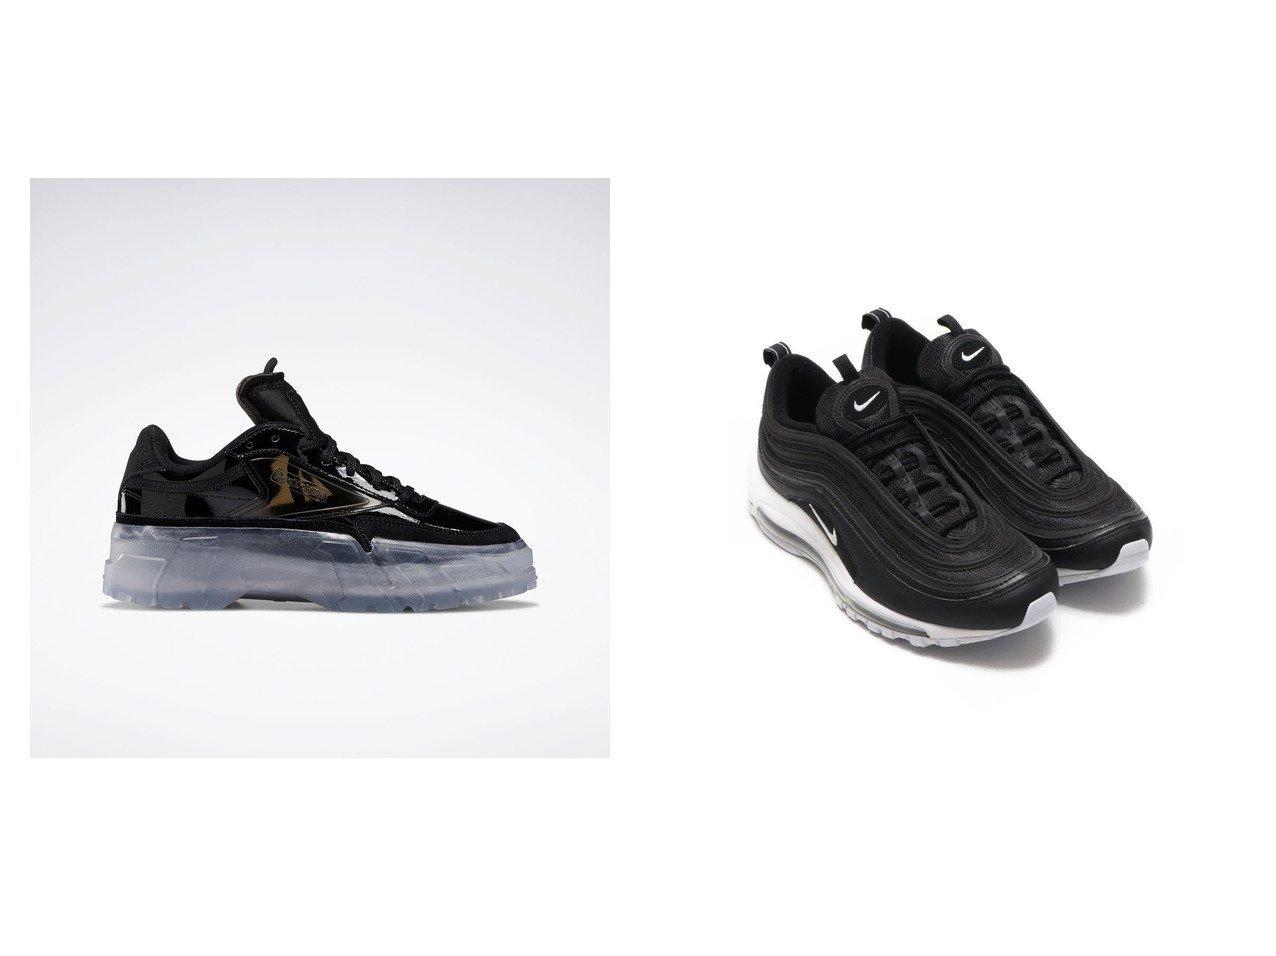 【NIKE/ナイキ】のNIKE AIR MAX 97&【Reebok/リーボック】のクラブ シー Club C Cardi シューズ・靴のおすすめ!人気、トレンド・レディースファッションの通販  おすすめで人気の流行・トレンド、ファッションの通販商品 メンズファッション・キッズファッション・インテリア・家具・レディースファッション・服の通販 founy(ファニー) https://founy.com/ ファッション Fashion レディースファッション WOMEN 2021年 2021 2021 春夏 S/S SS Spring/Summer 2021 S/S 春夏 SS Spring/Summer キャラクター シューズ ストレート スニーカー チェック ライニング 春 Spring スリッポン |ID:crp329100000024520